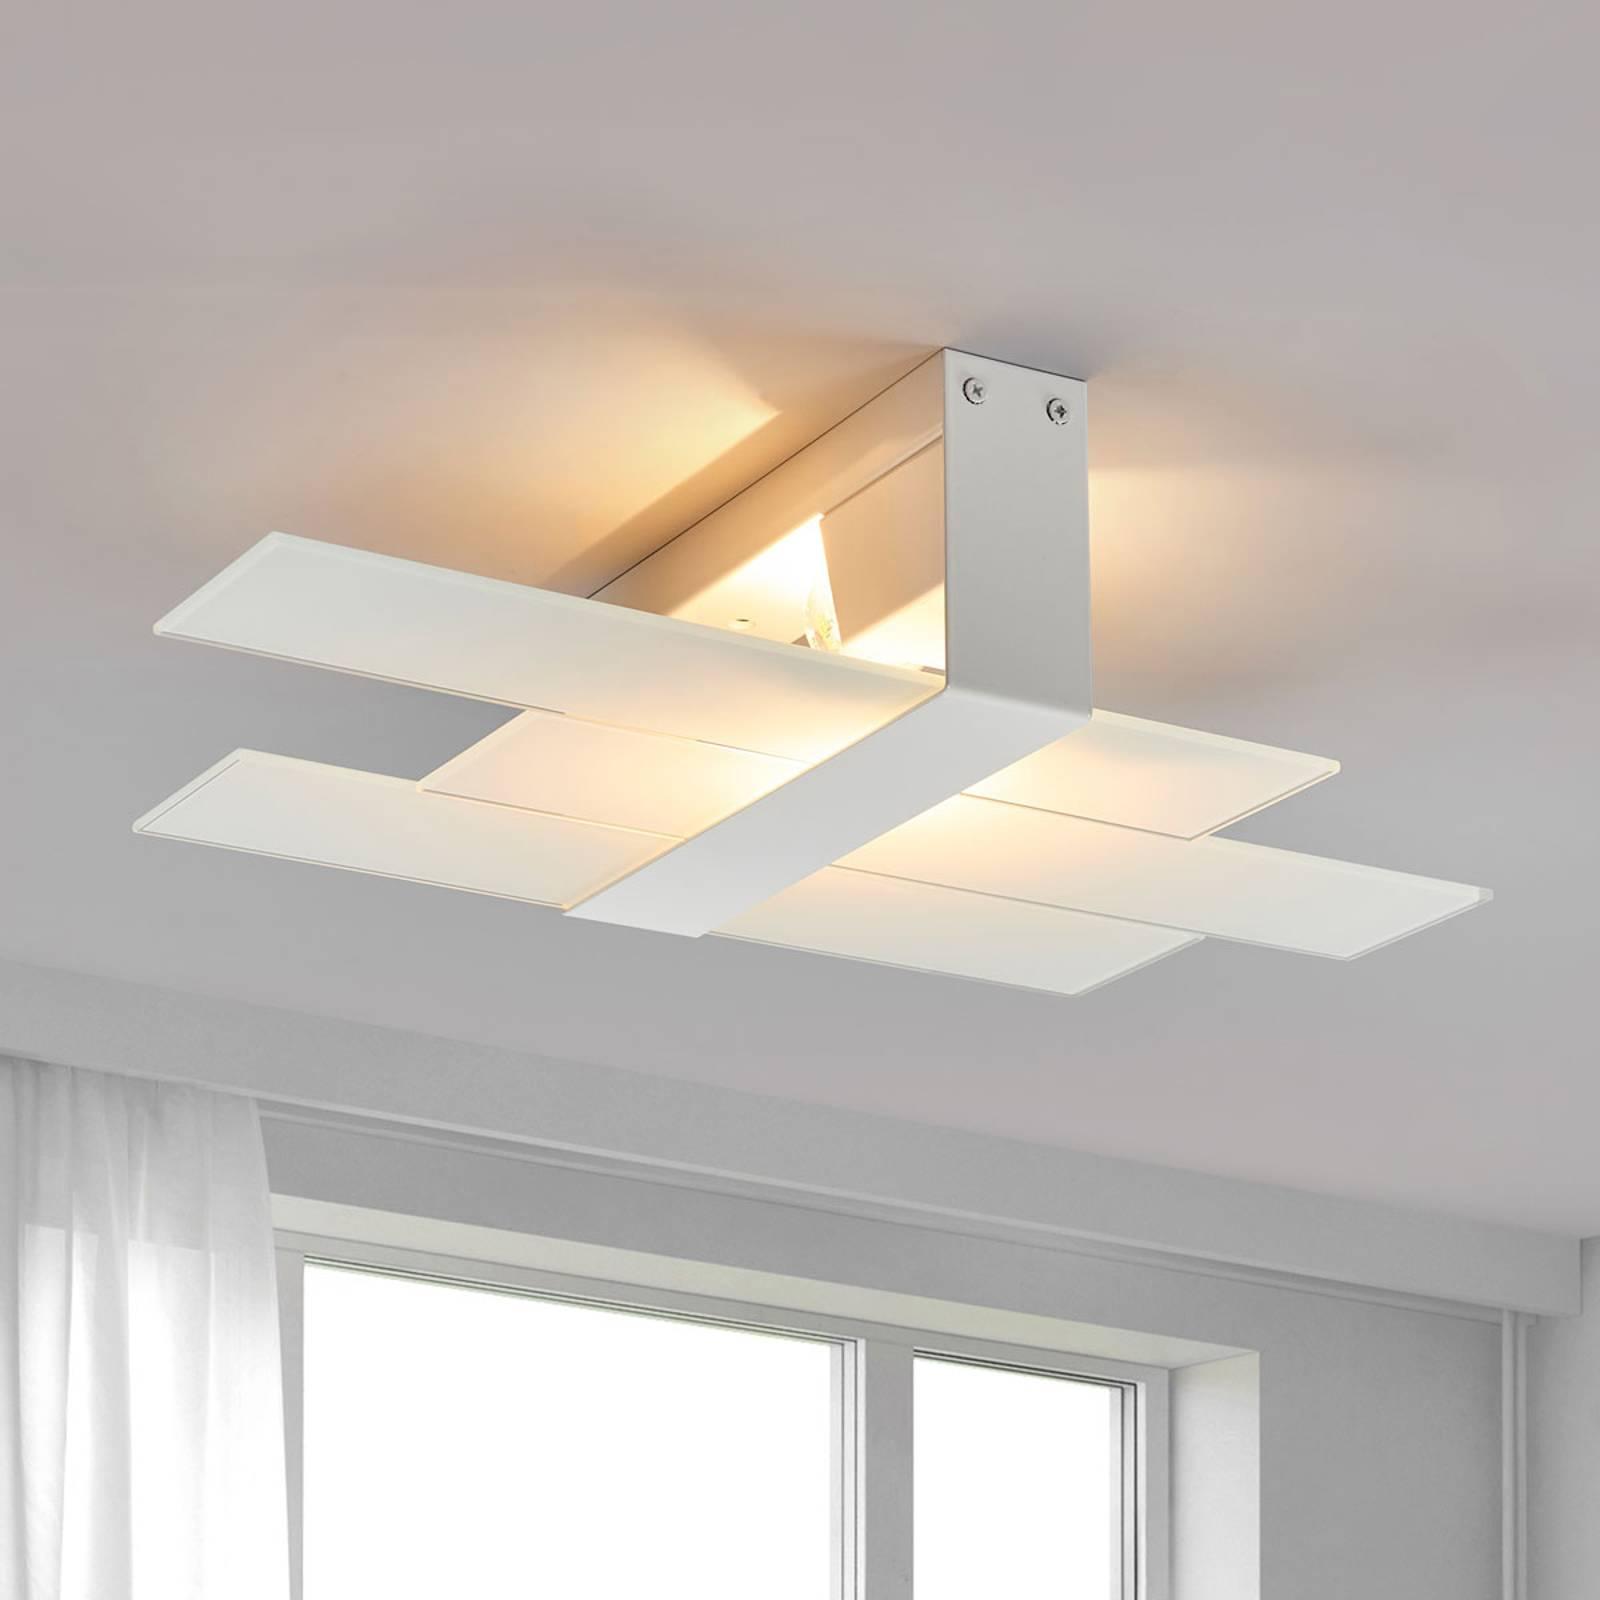 Nowoczesna lampa sufitowa Triad 48 cm biała